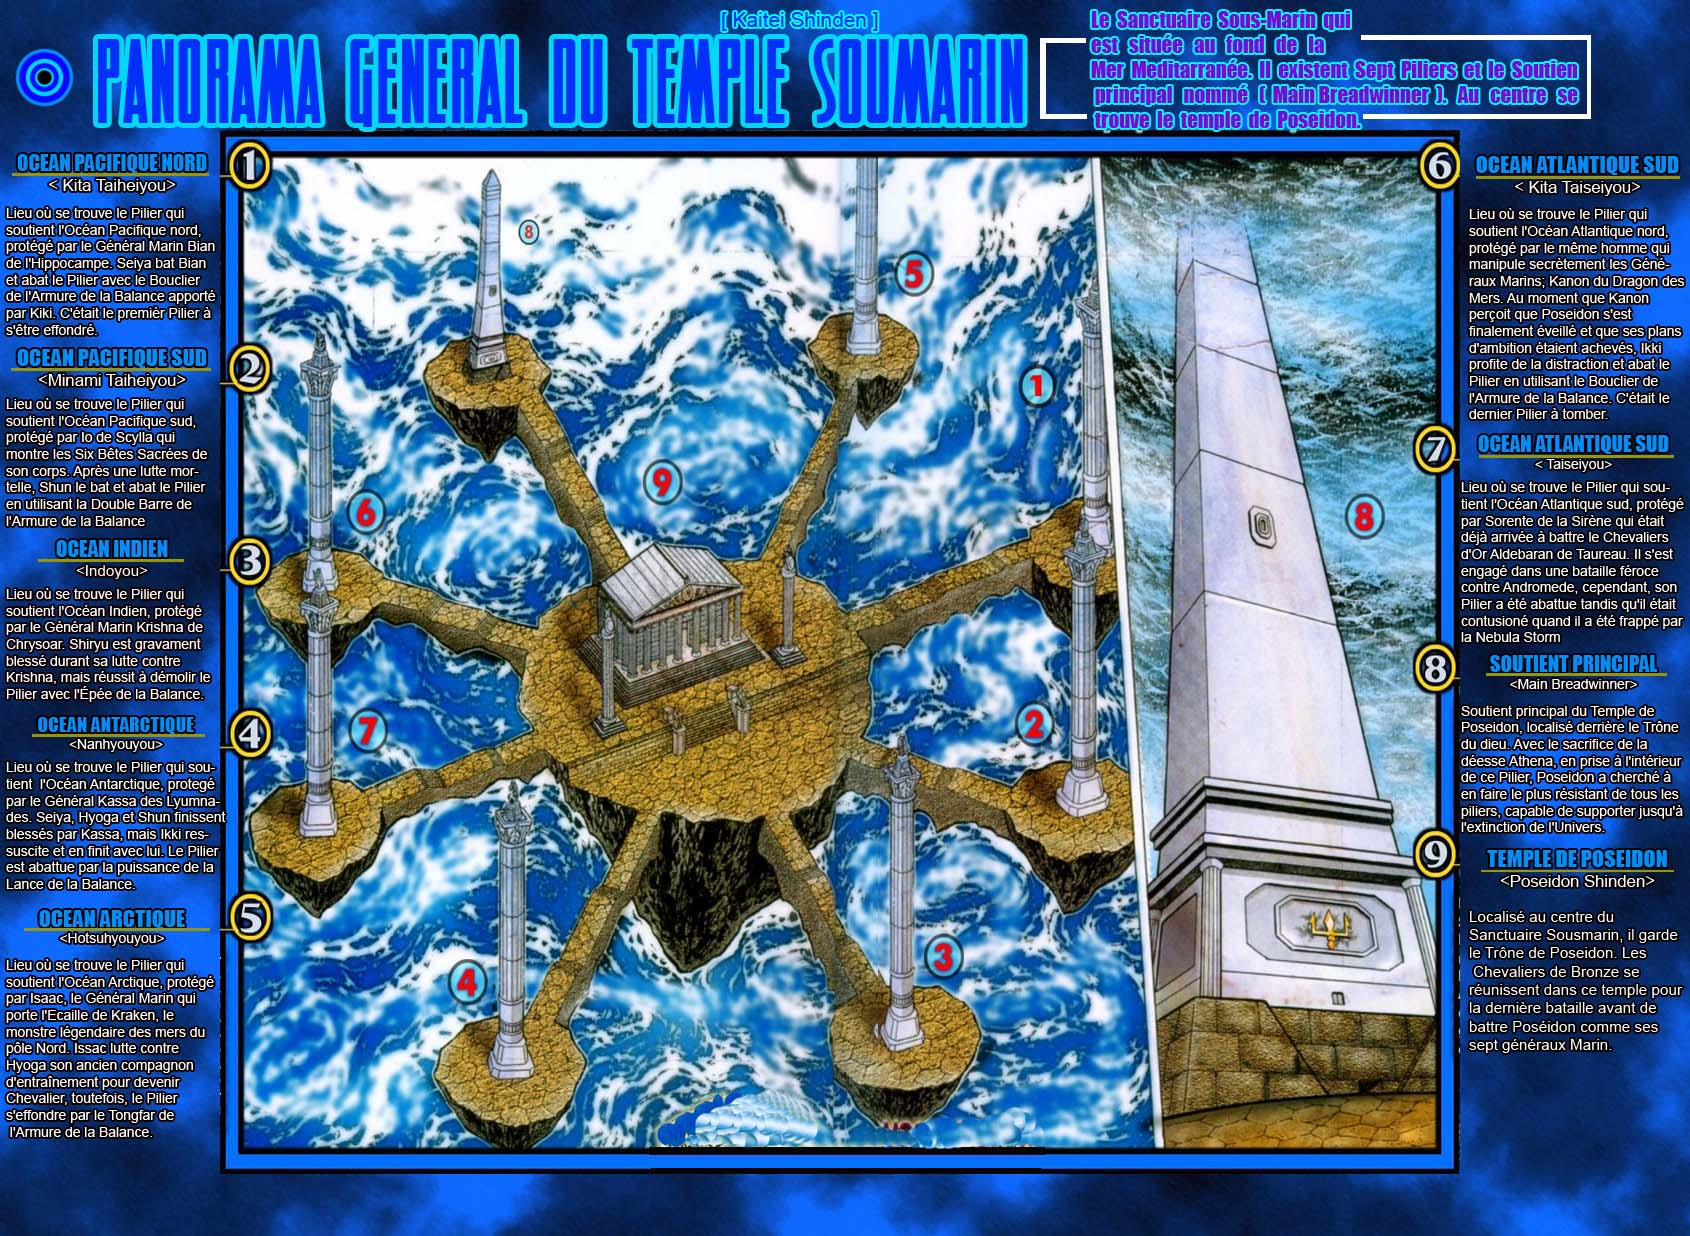 http://nsm01.casimages.com/img/2008/08/09/080809031743371202361107.jpg